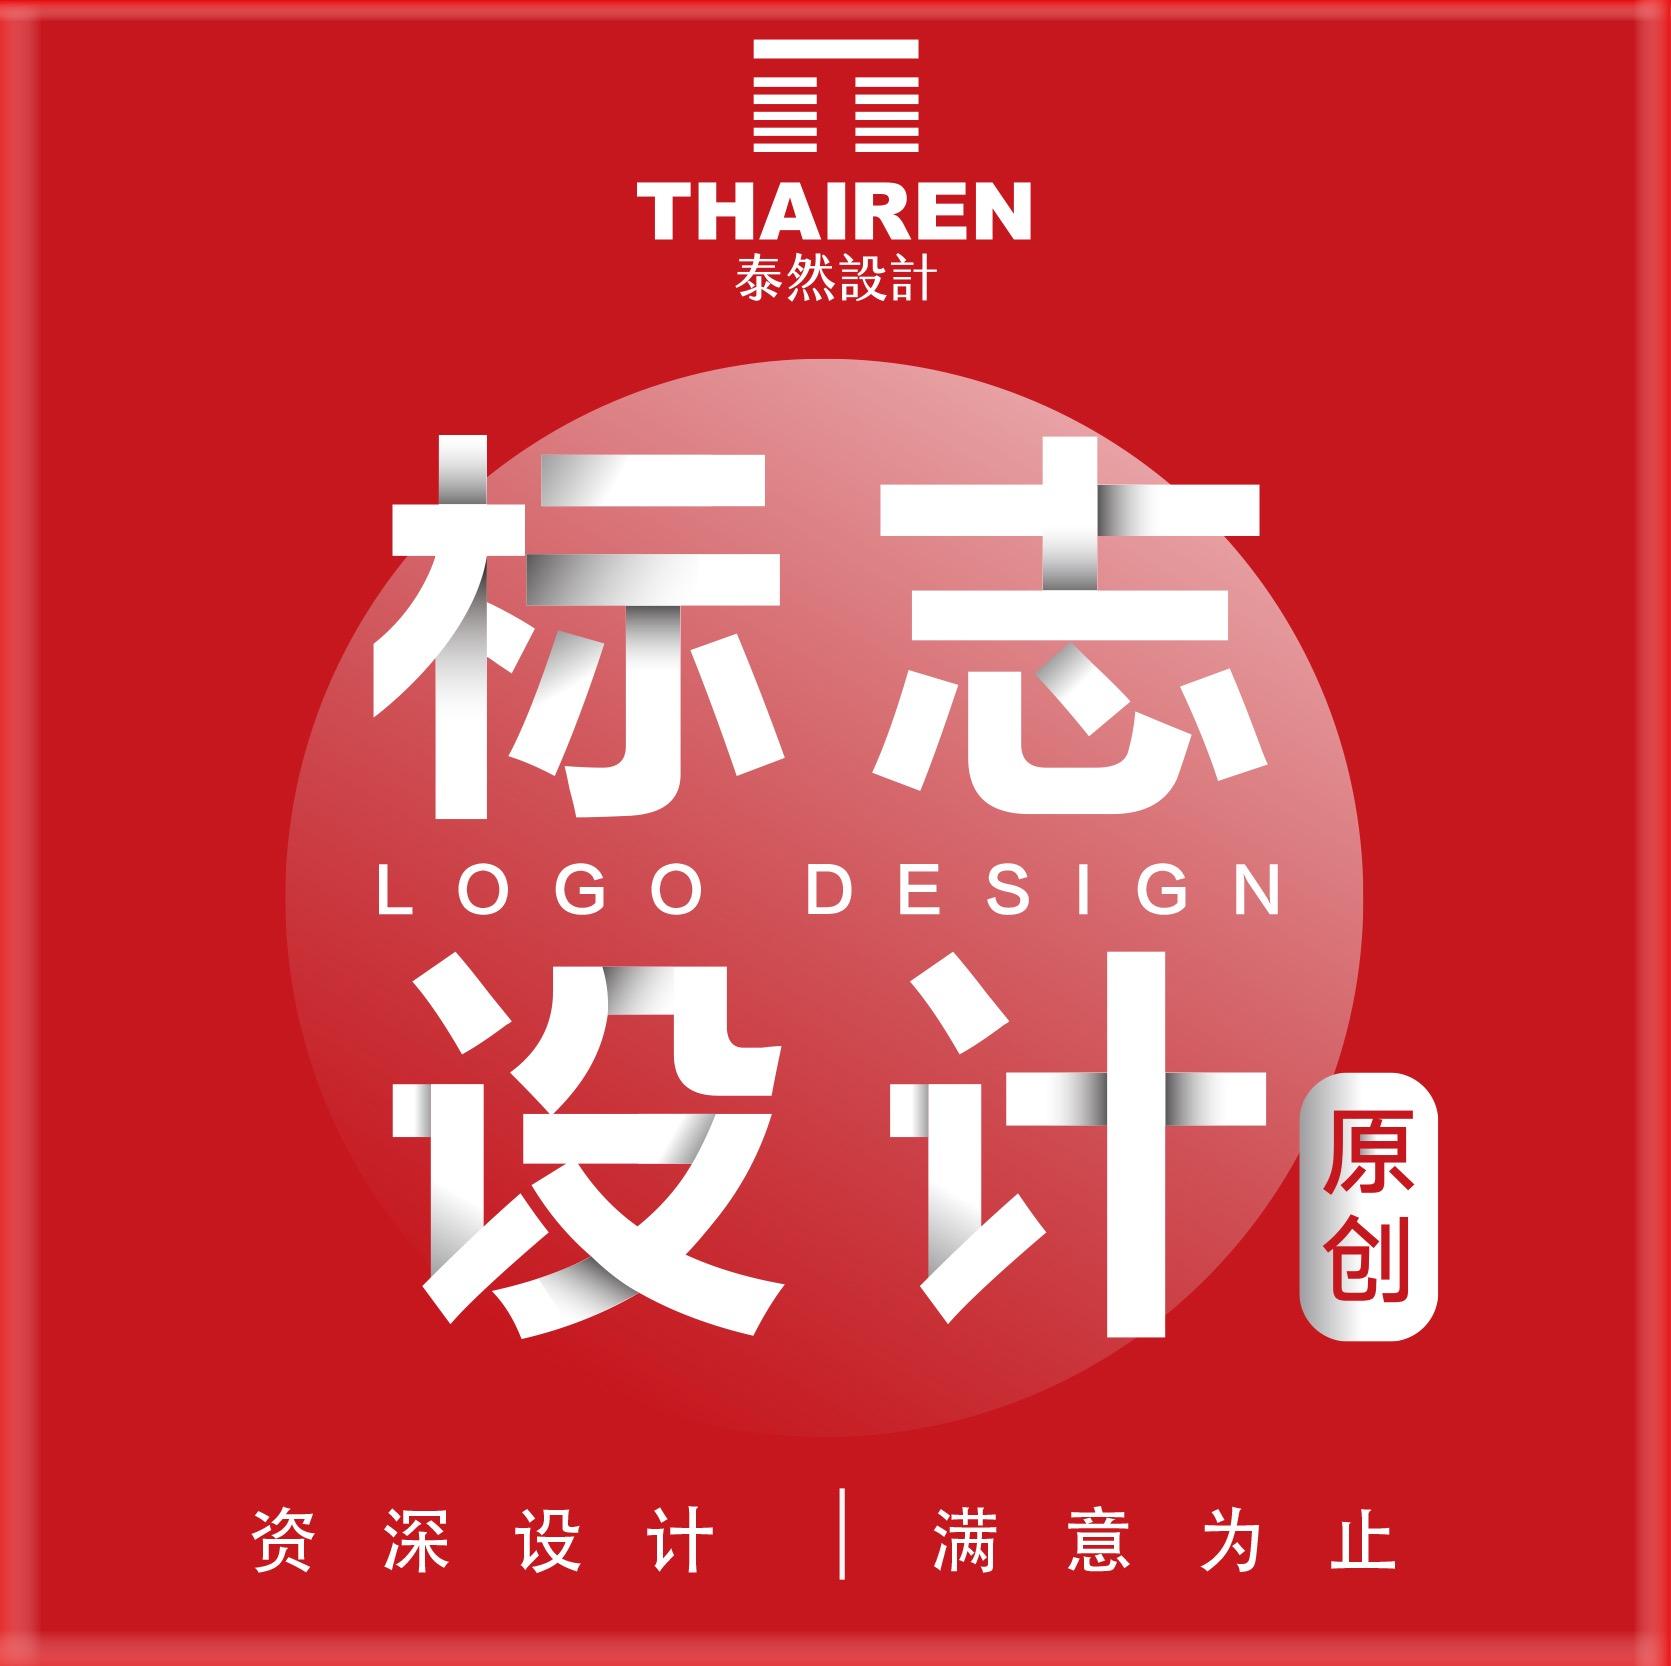 【泰然品牌LOGO设计】工业制造LOGO 设计